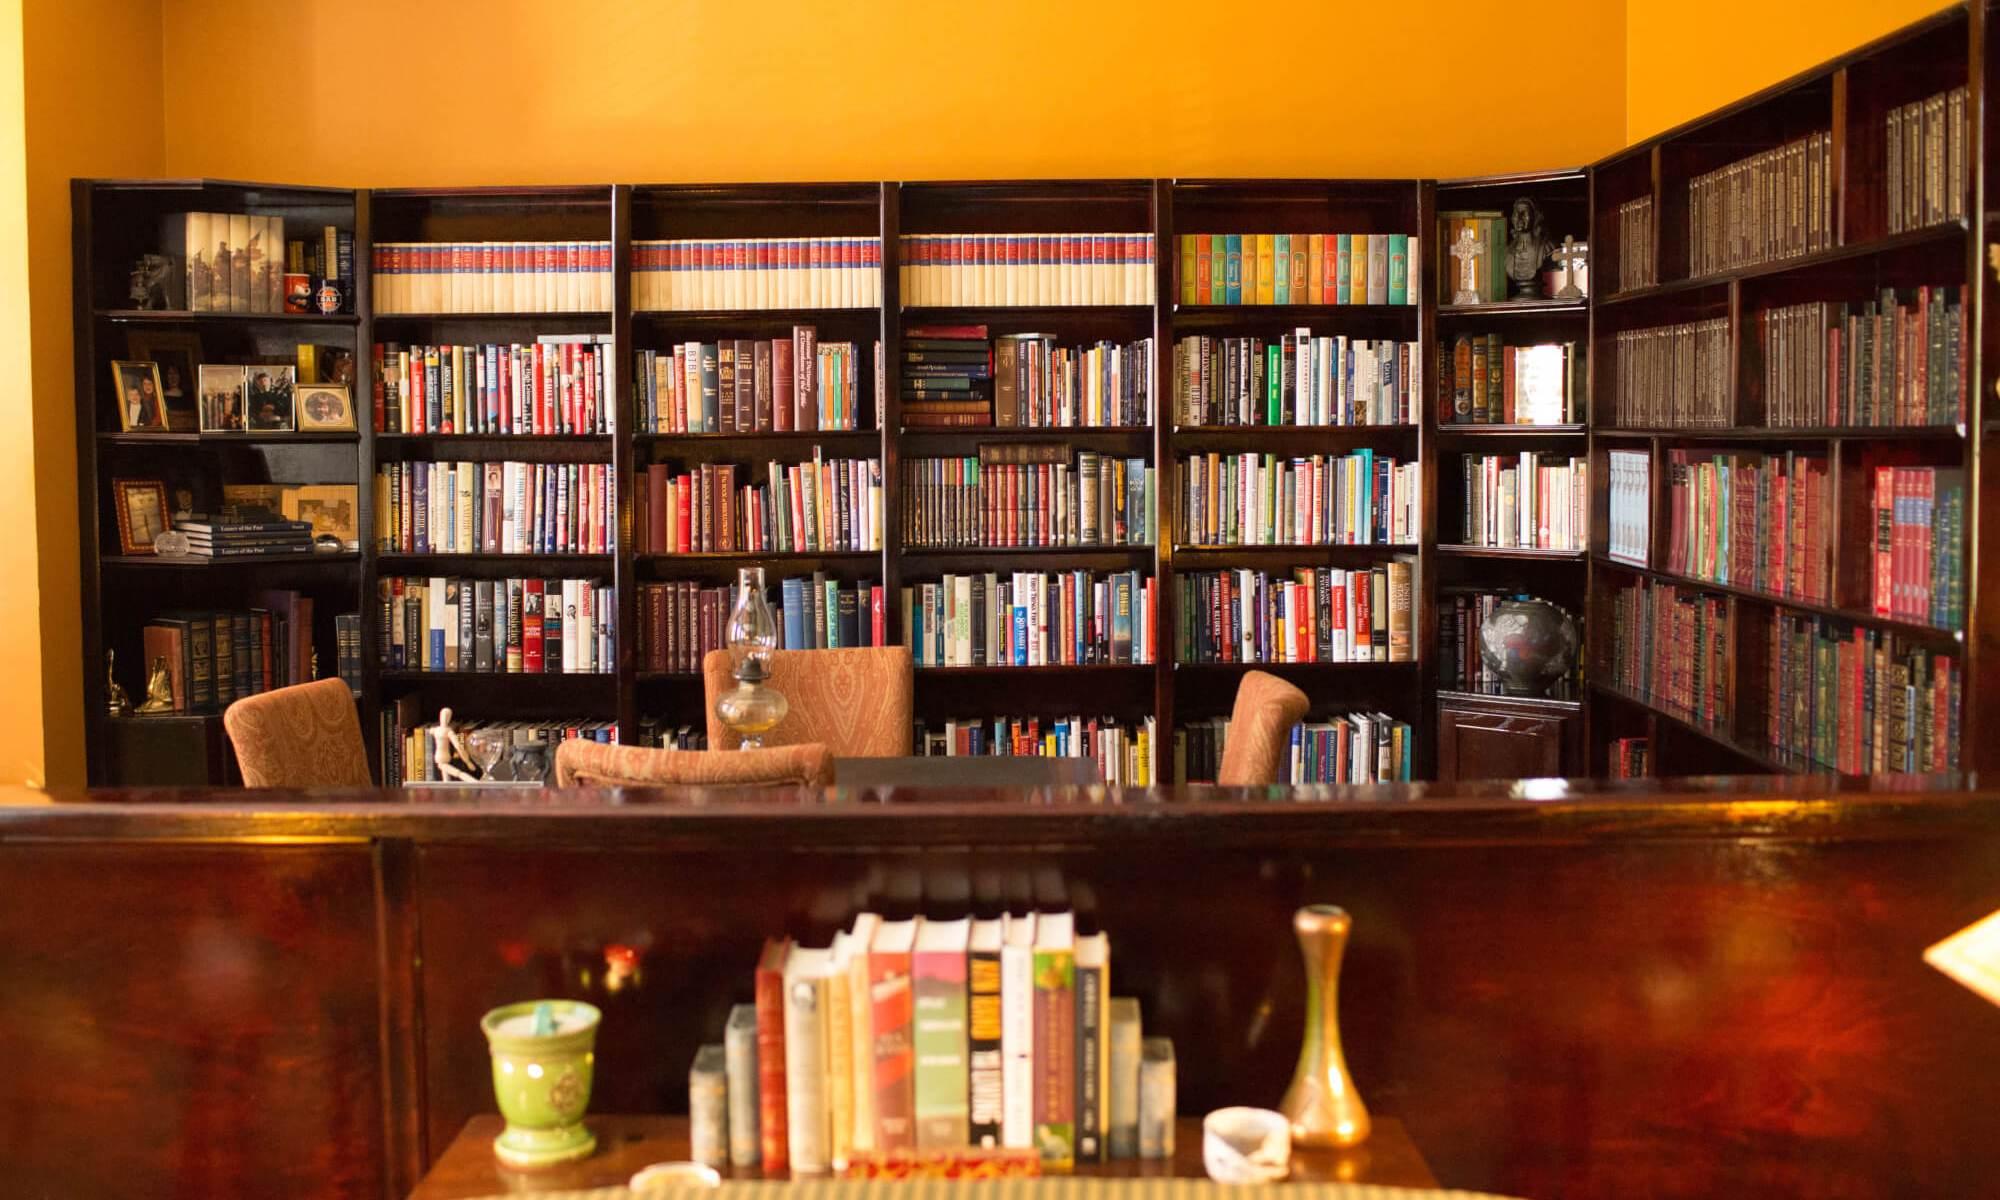 Montee's Reading Room